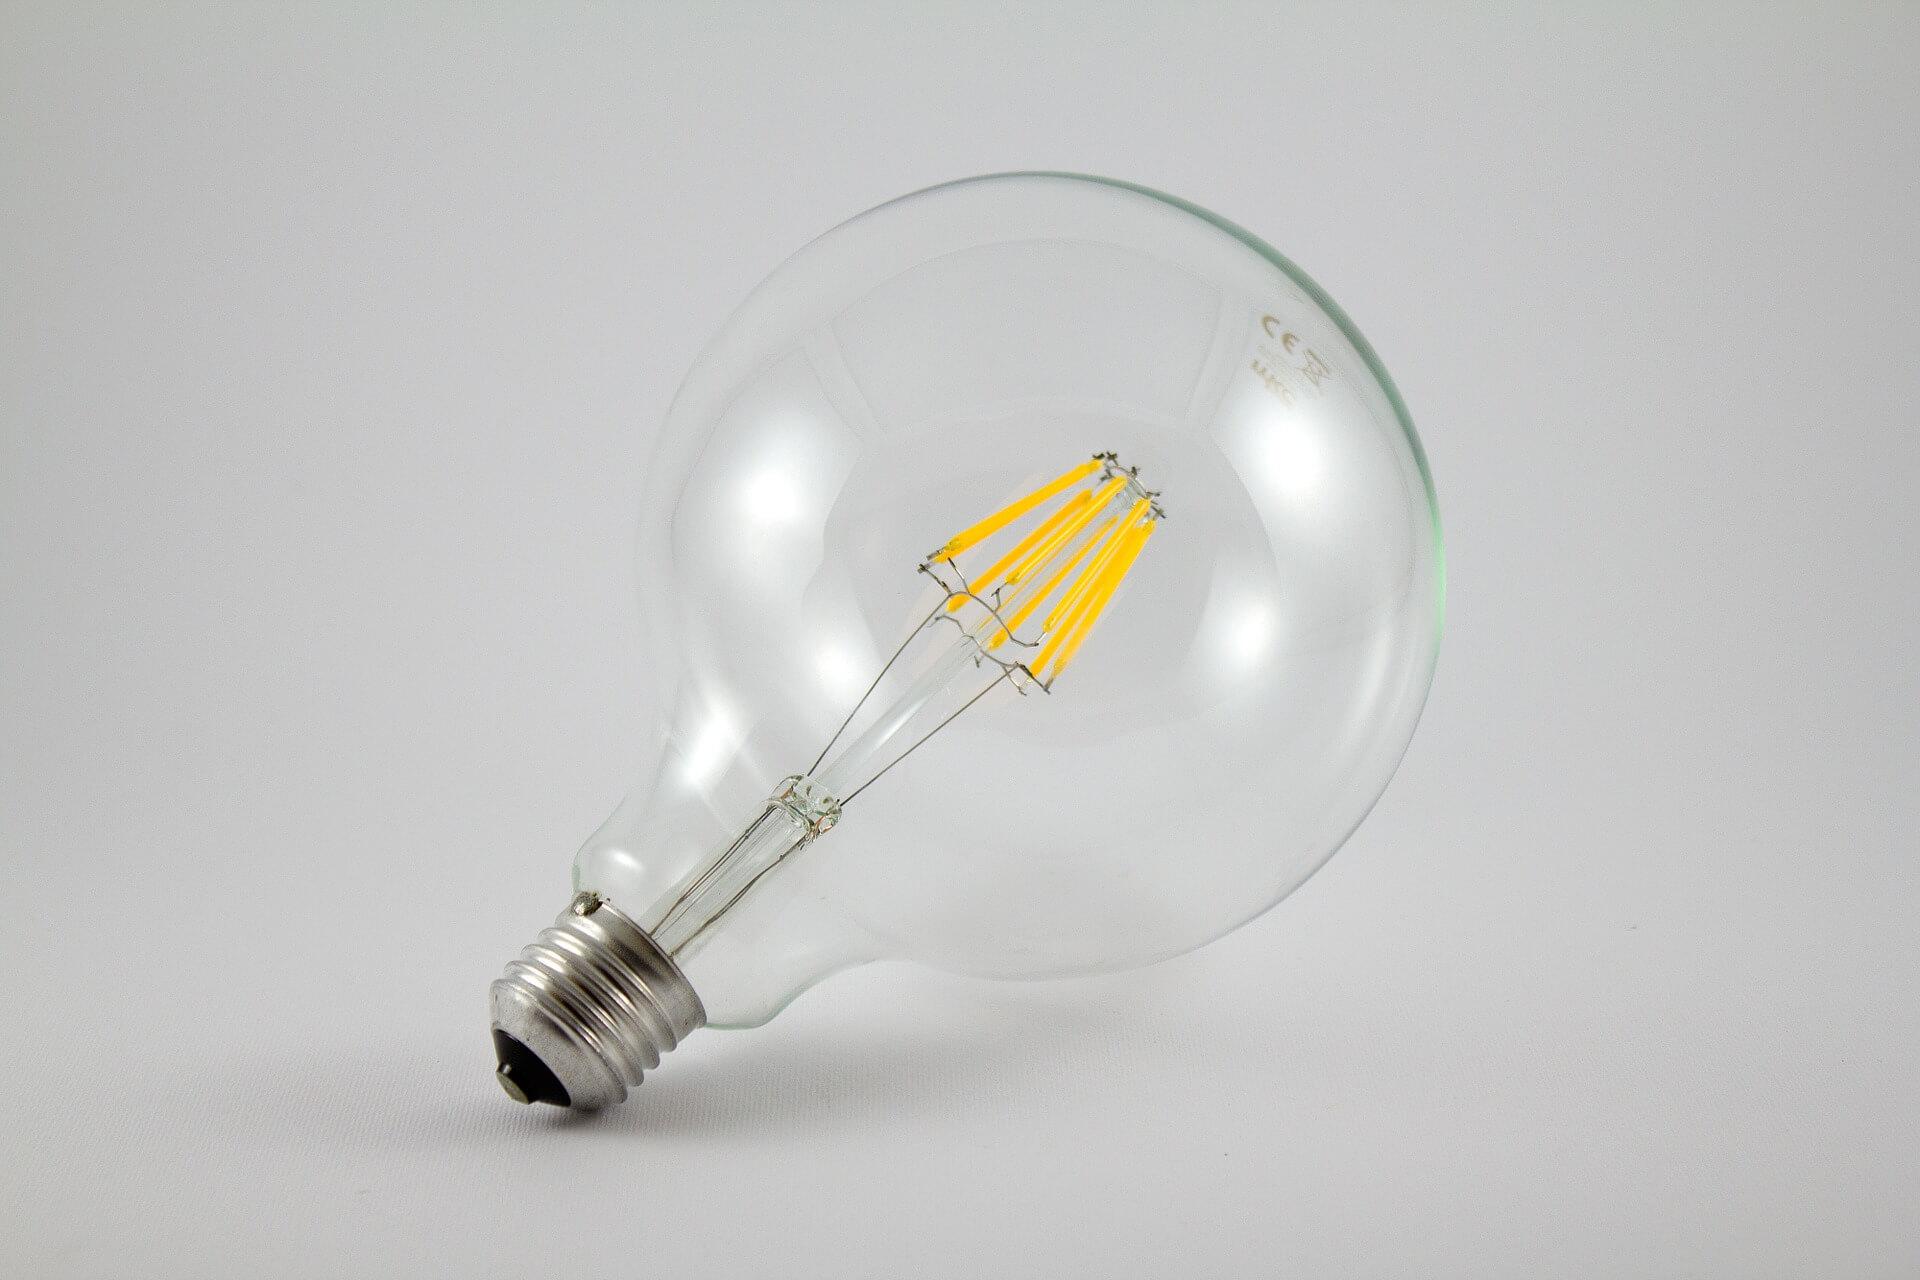 Ledlampen voordelen op een rijtje